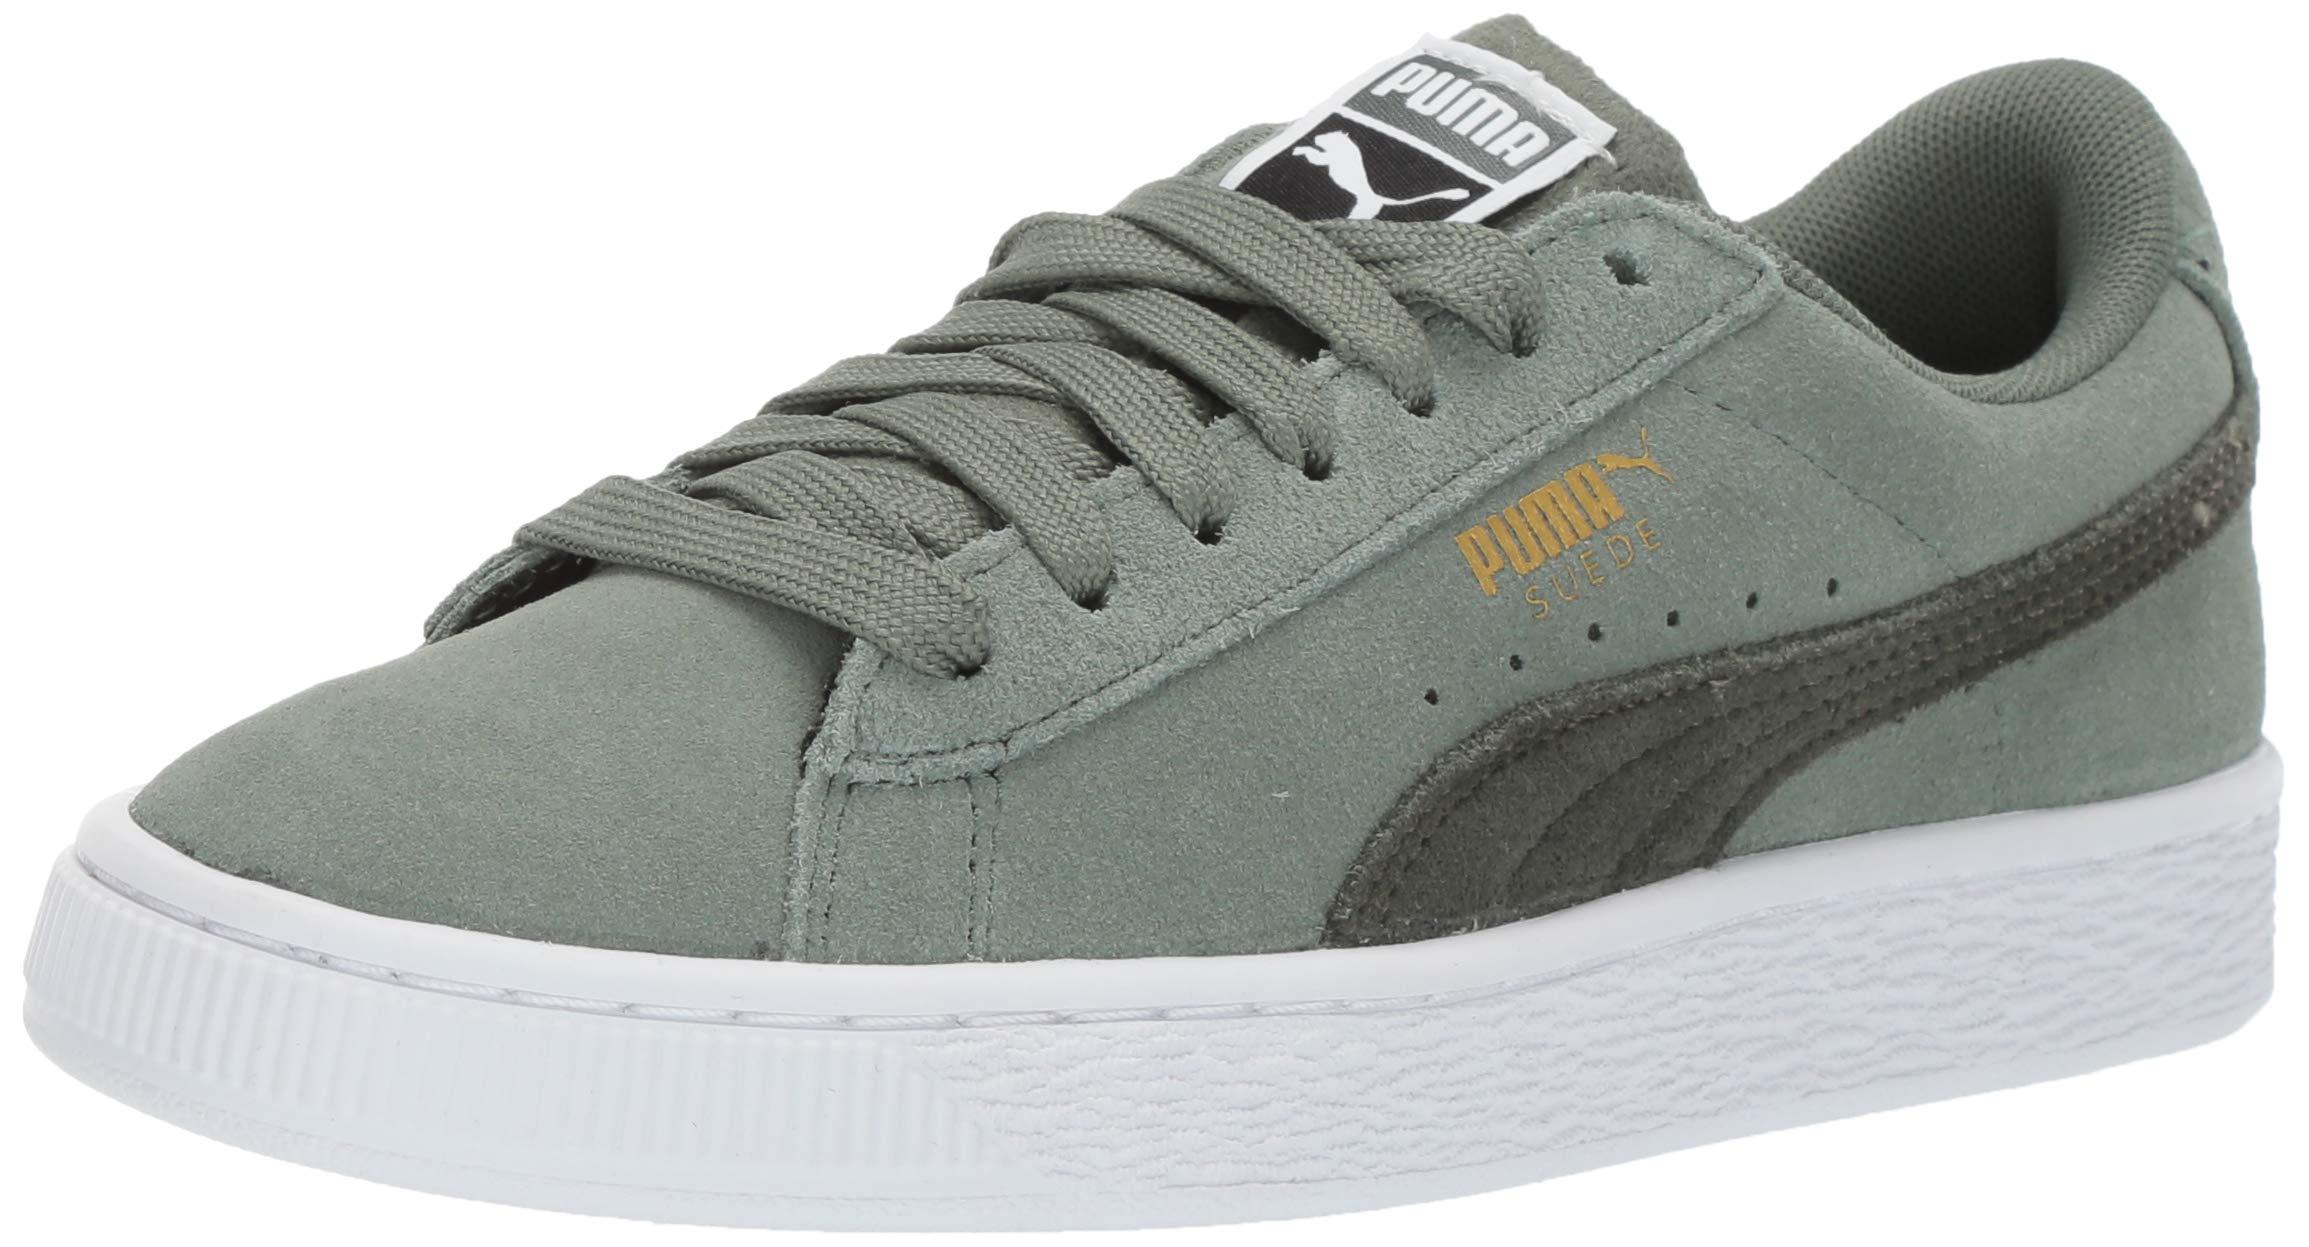 PUMA Unisex Suede Classic Kids Sneaker, Laurel